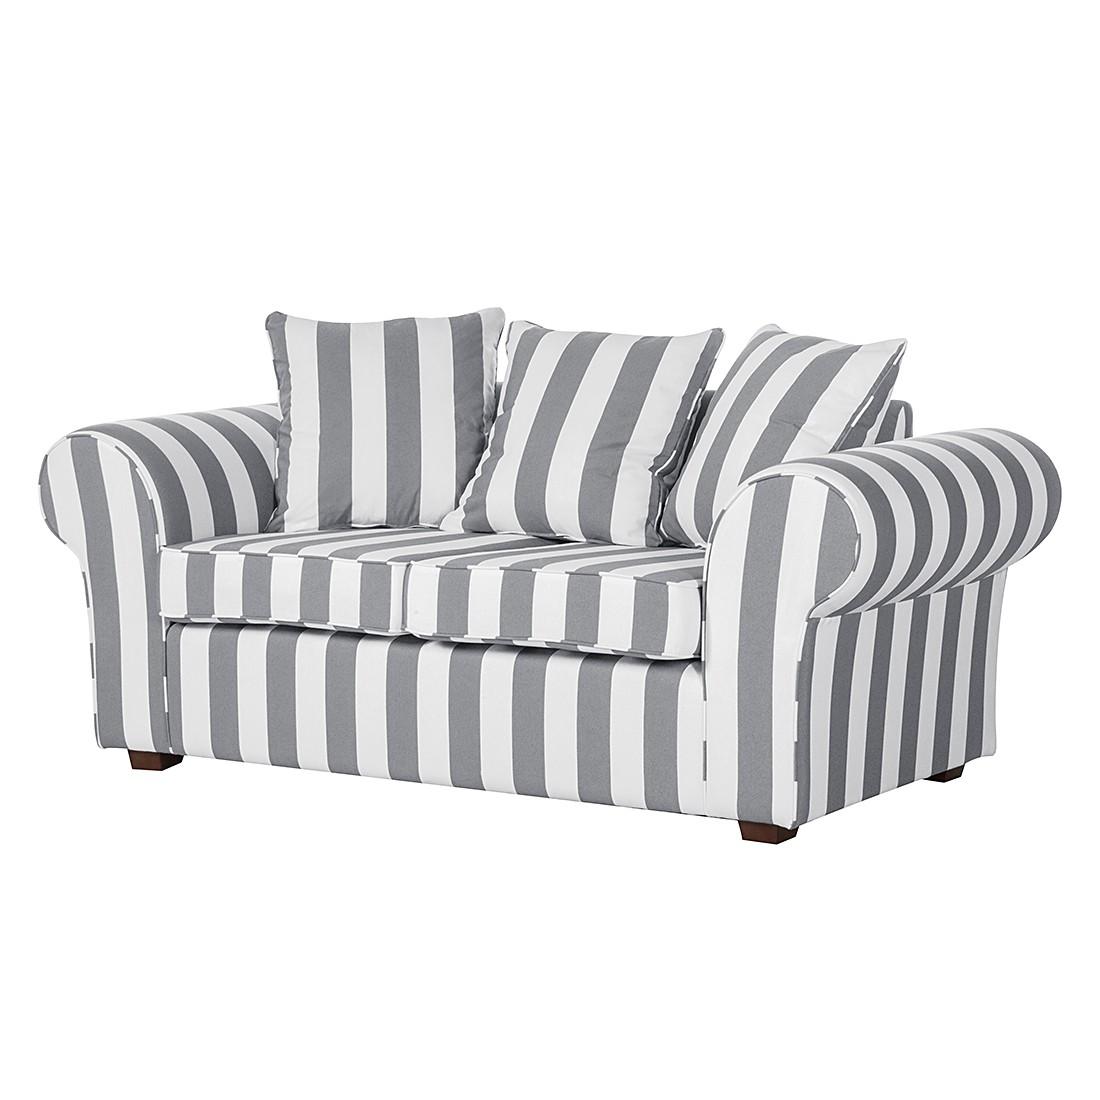 einzelsofa gnstig excellent sofa team ecksofa arkansas mit braun with einzelsofa gnstig good. Black Bedroom Furniture Sets. Home Design Ideas